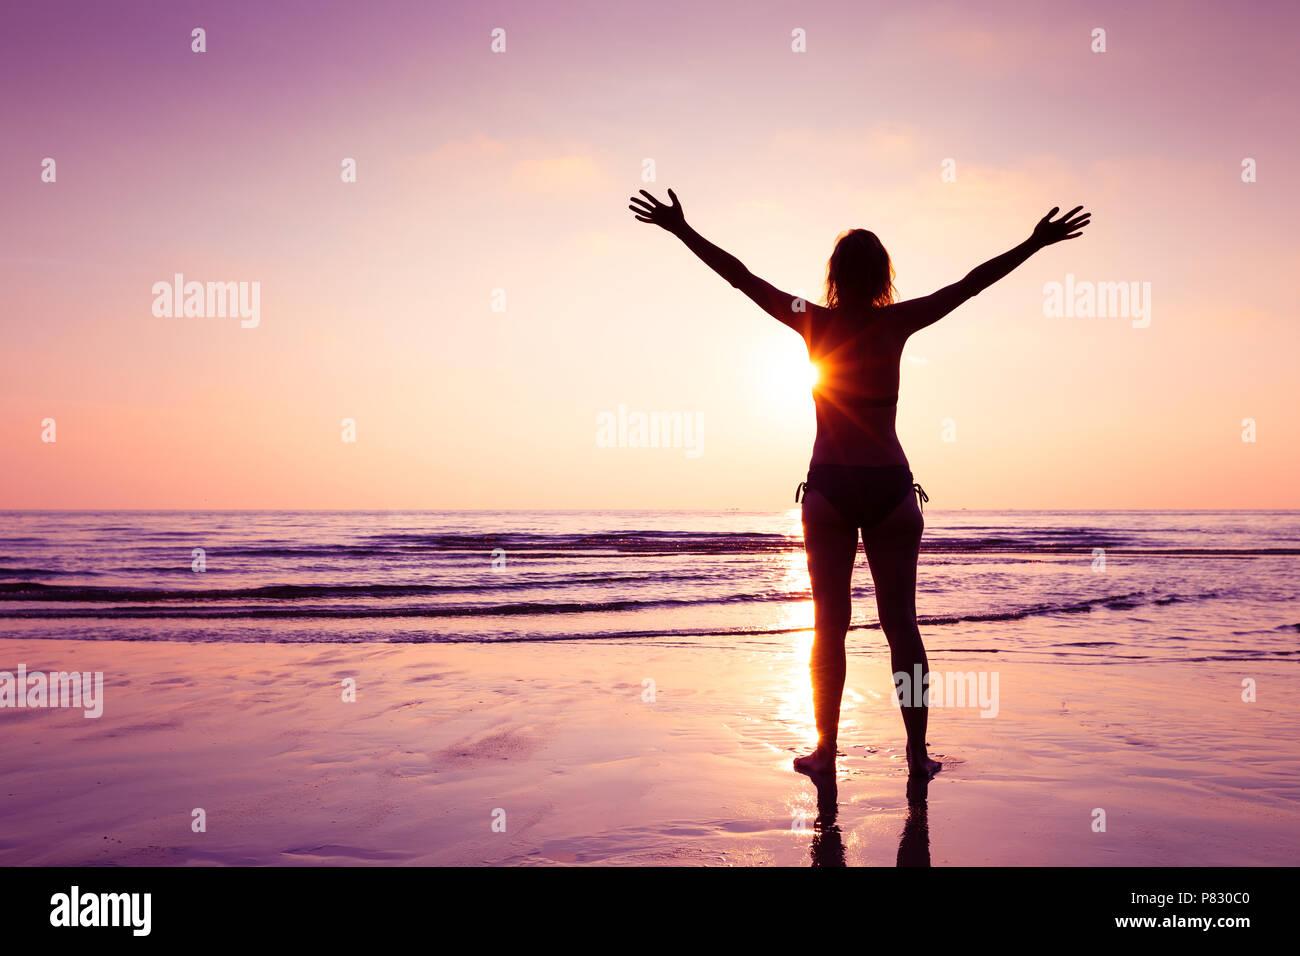 Mujer alegre feliz extendiendo las manos en la playa al anochecer, alegre emoción y mindfulness, equilibrio consciente pensando Imagen De Stock